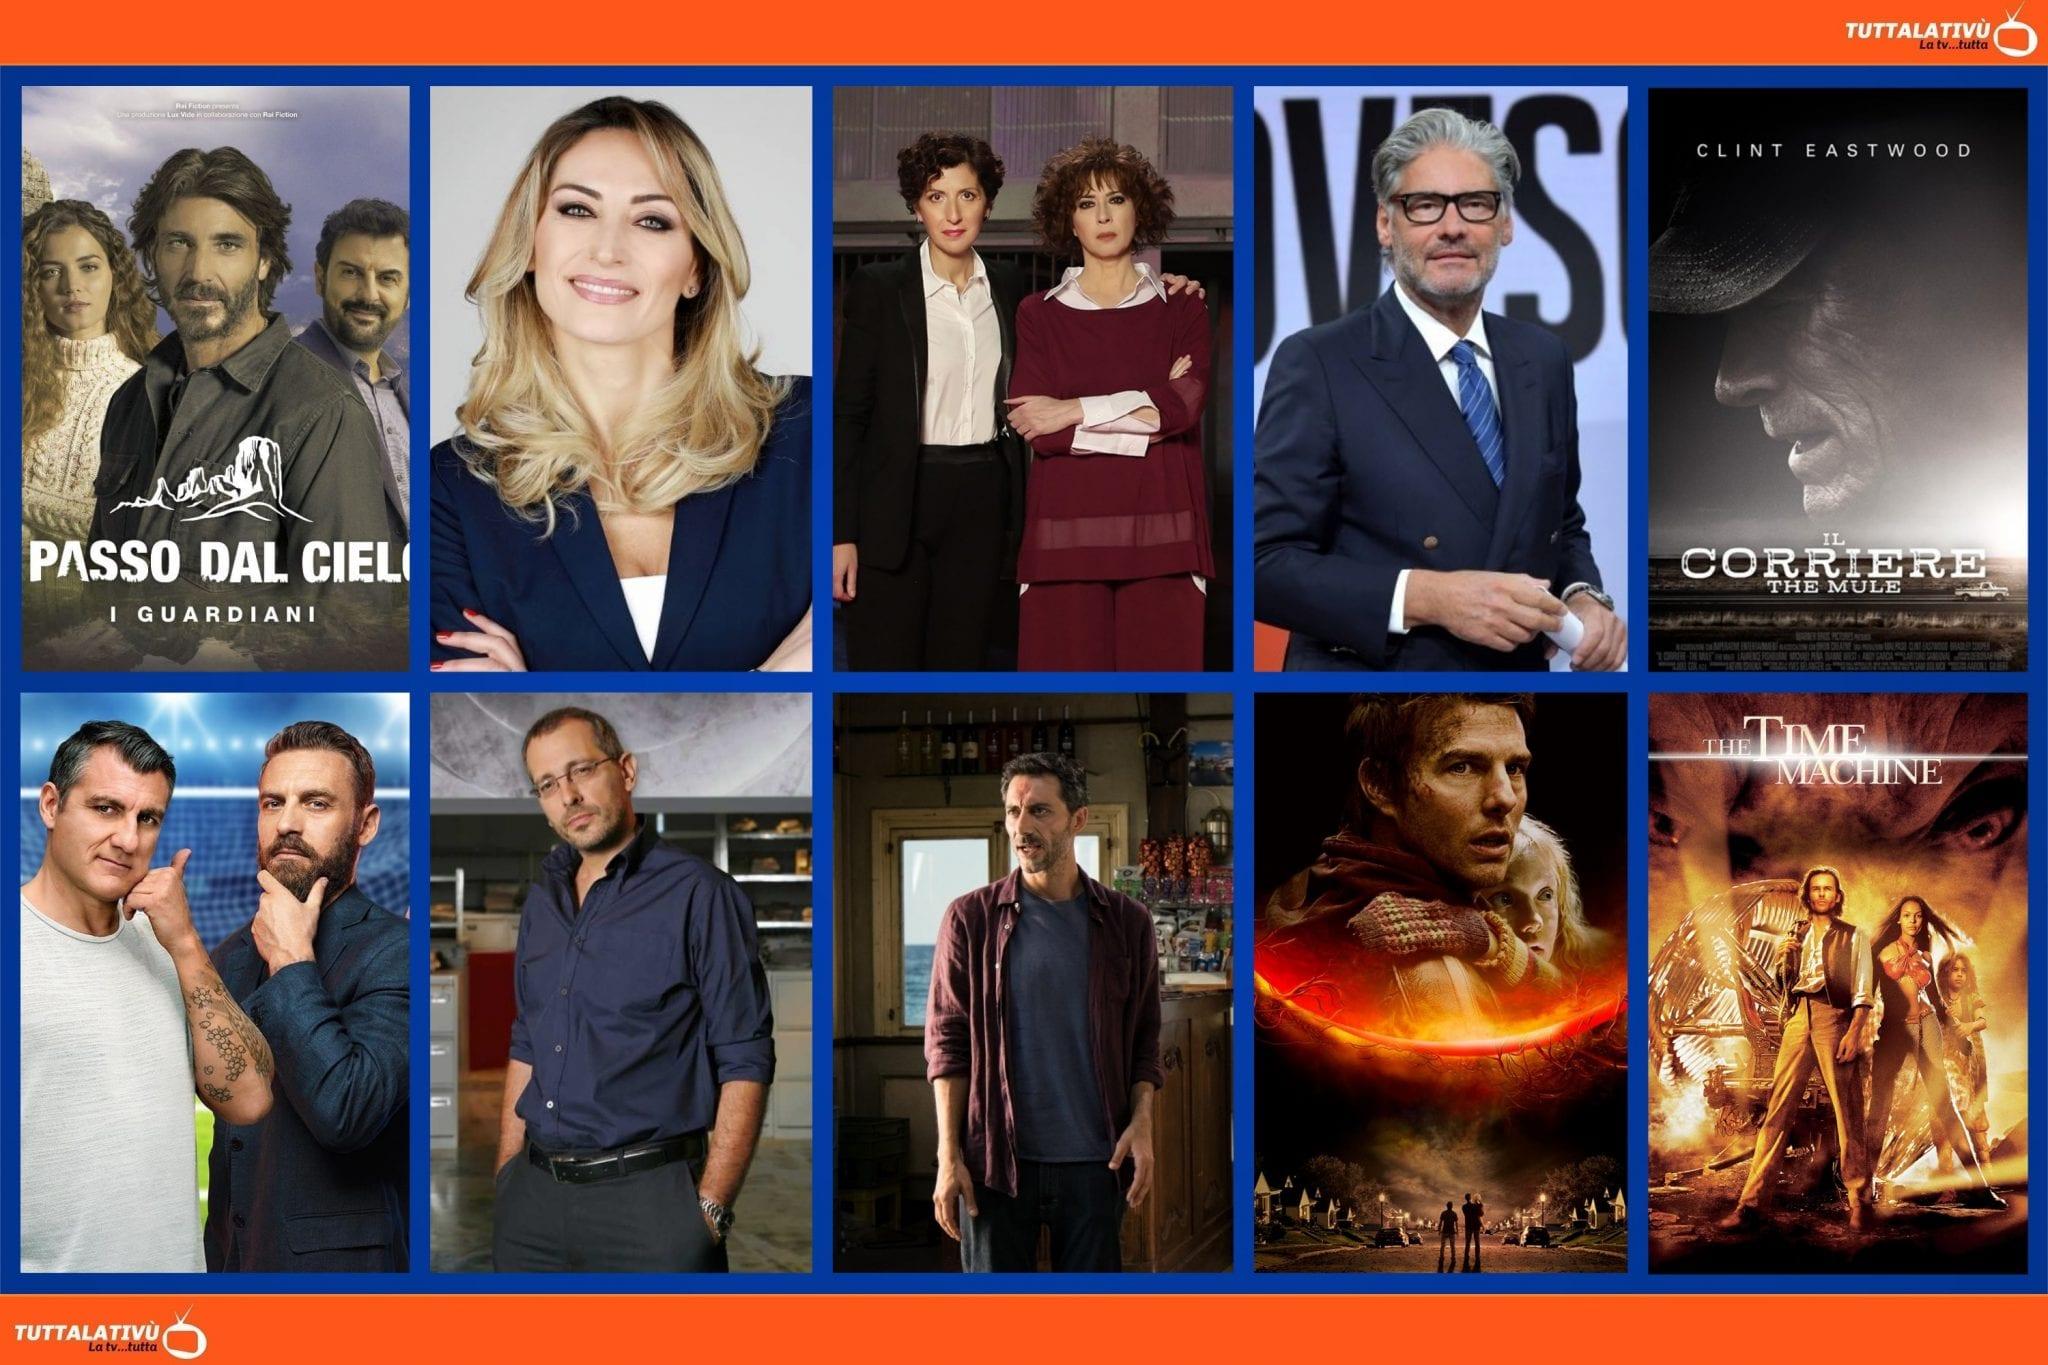 GuidaTV 20 Maggio 2021: Un passo dal cielo, The Mule, Amore Criminale, Gillette Bomber & King, I delitti del Barlume, La guerra dei mondi, The Time Machine